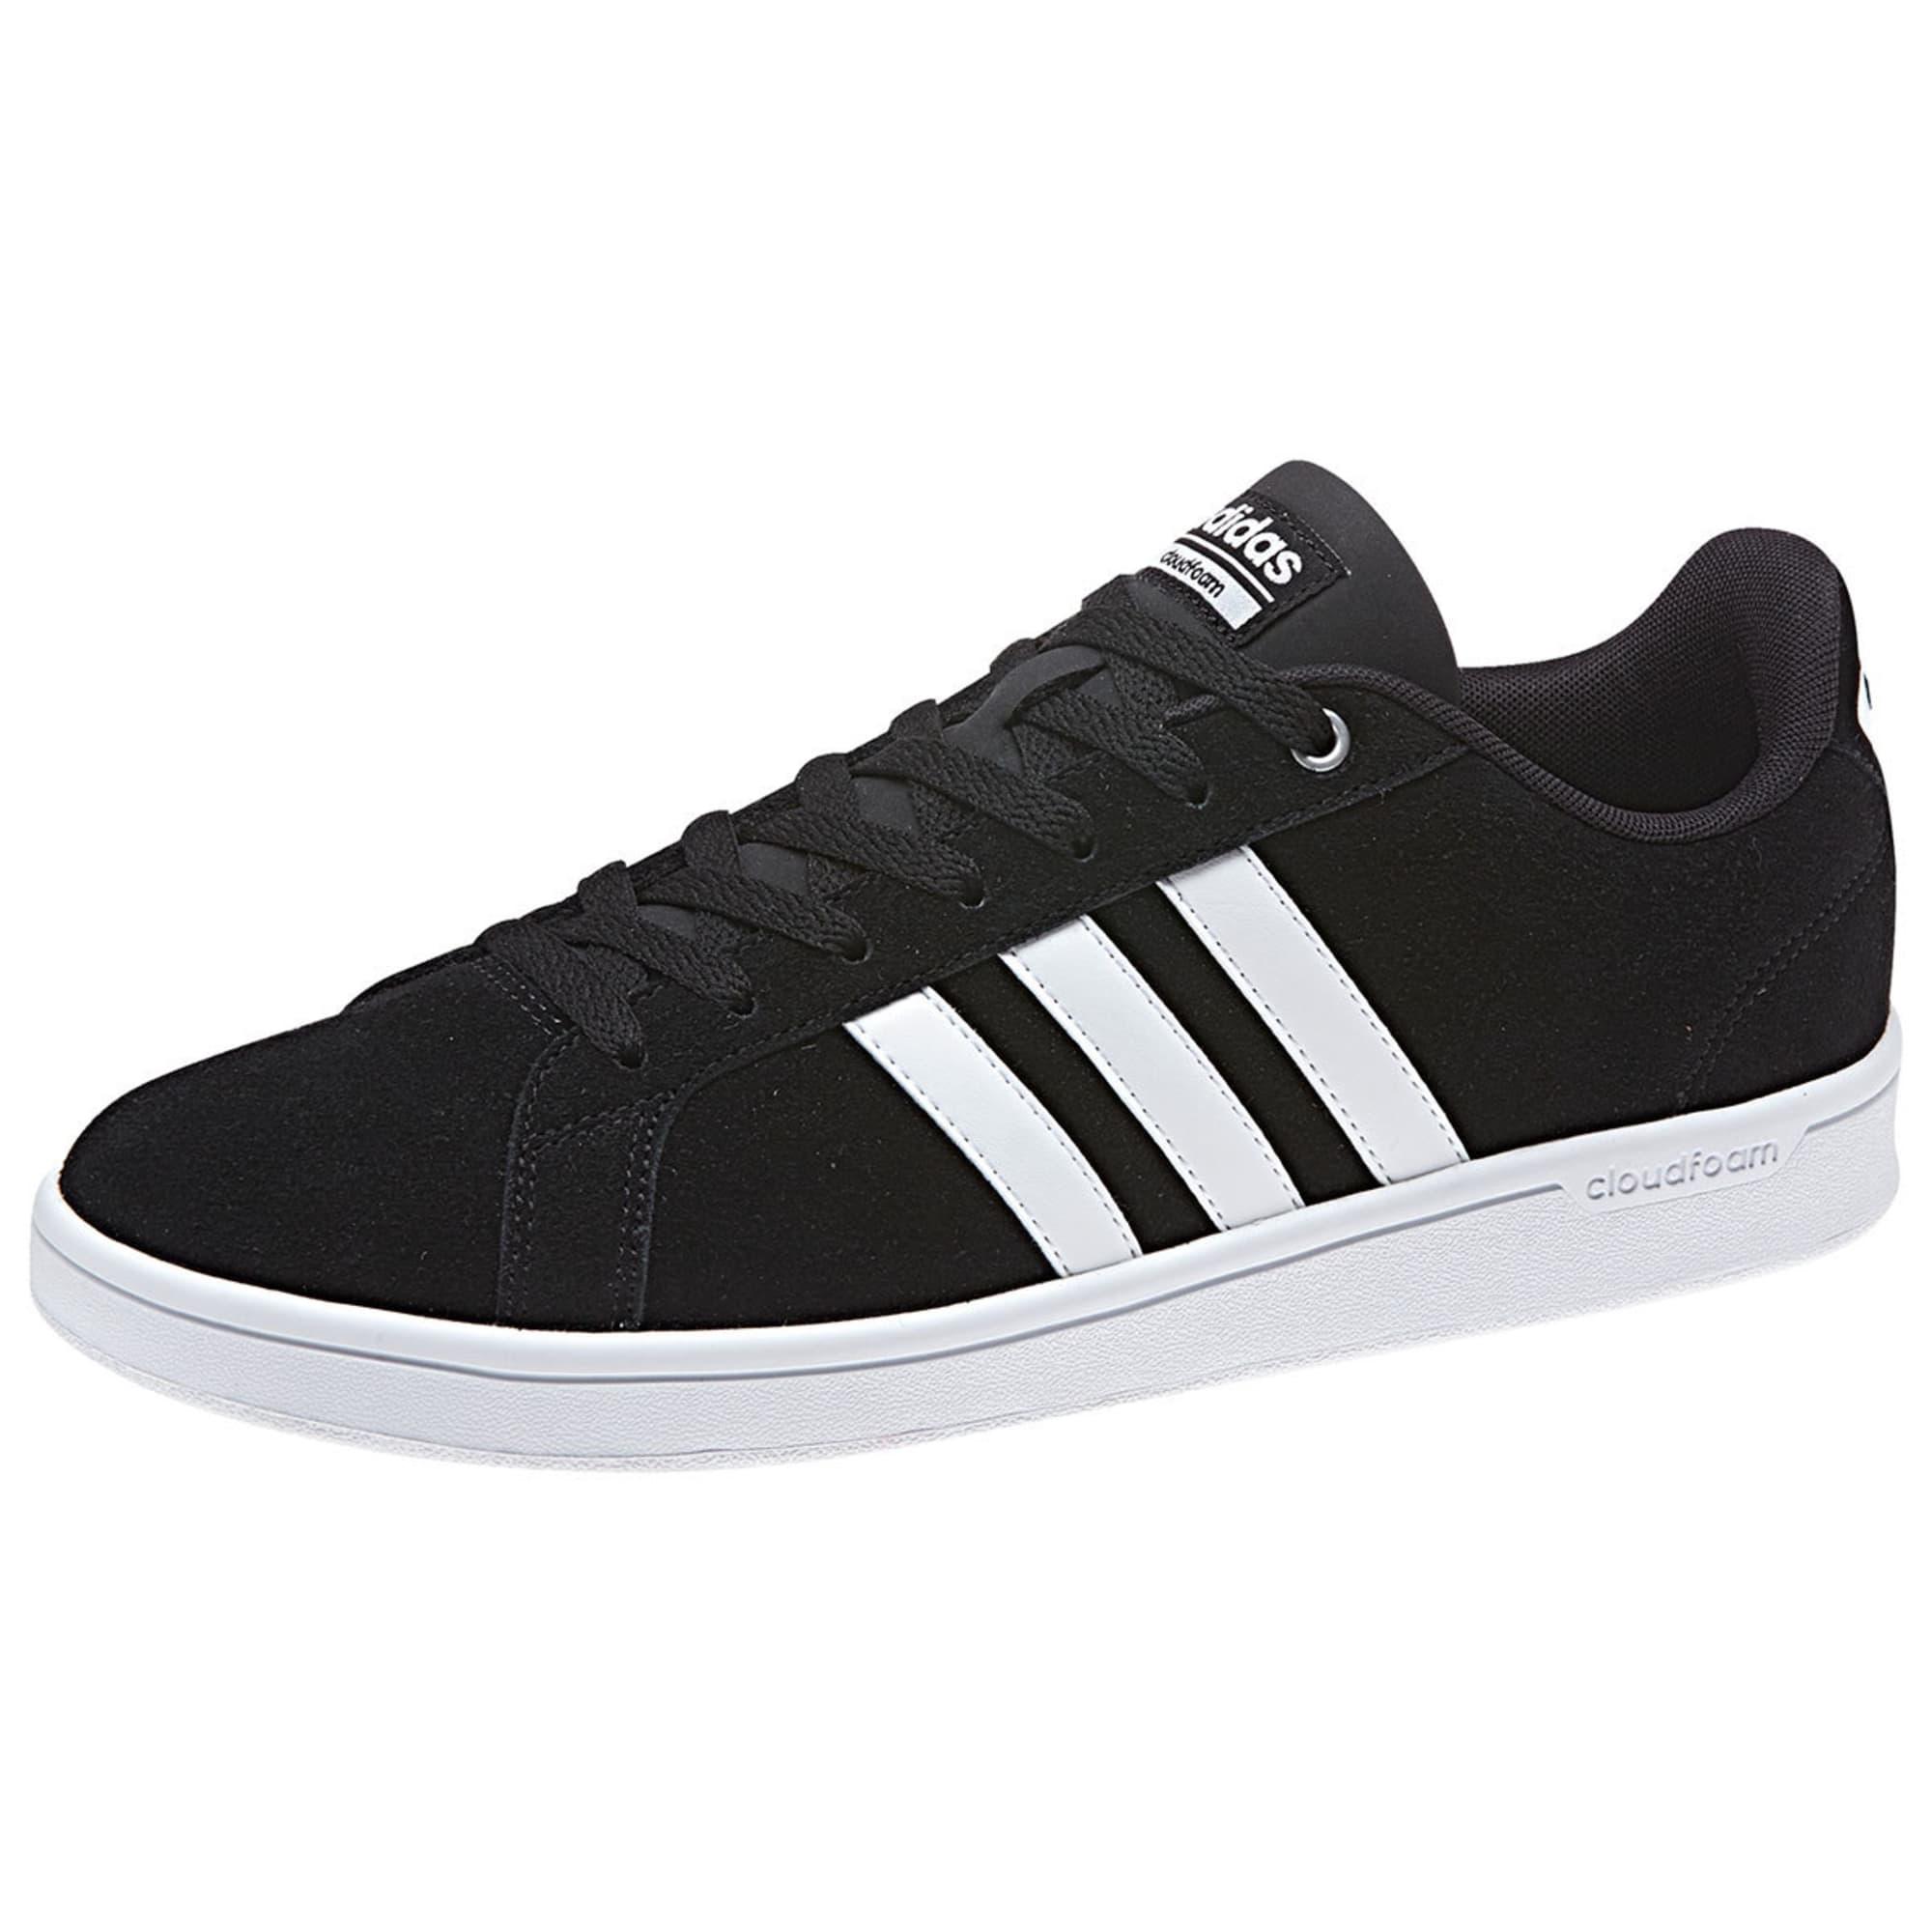 ADIDAS Men's Neo Cloudfoam Advantage Skate Shoes, Black/White/Silver